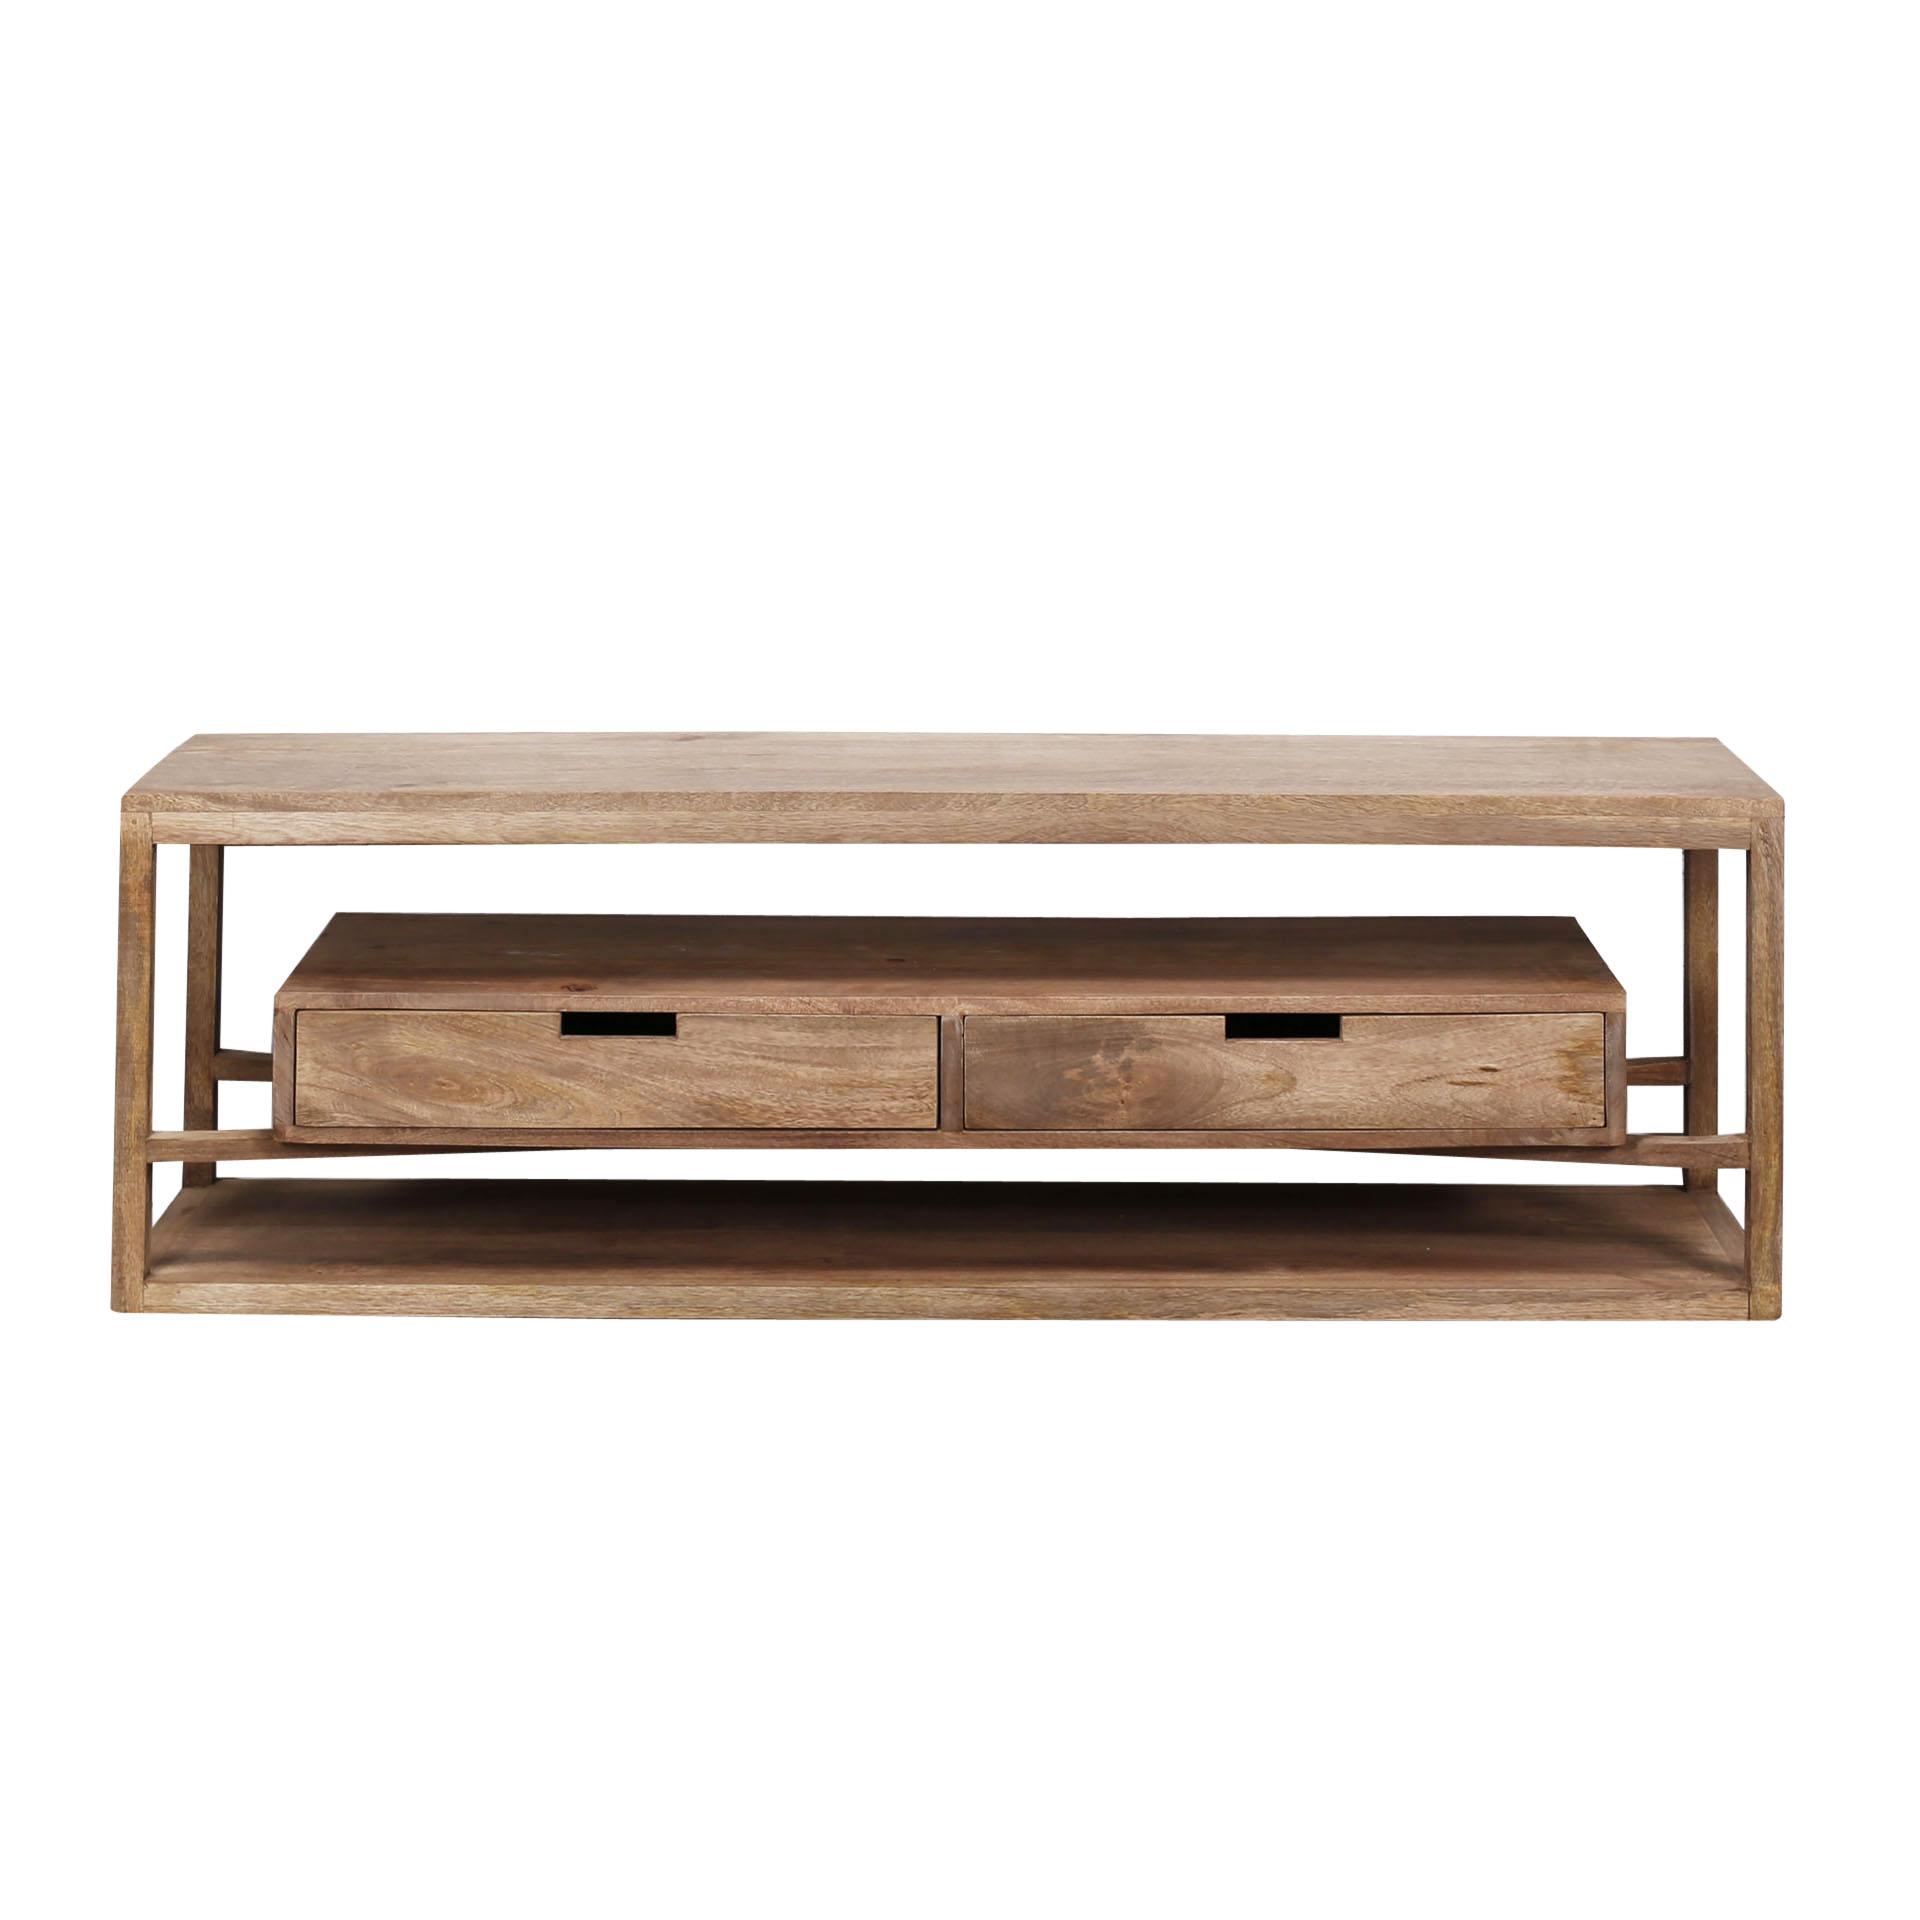 meuble tv contemporain bois de manguier 2 tiroirs suspendus delhi